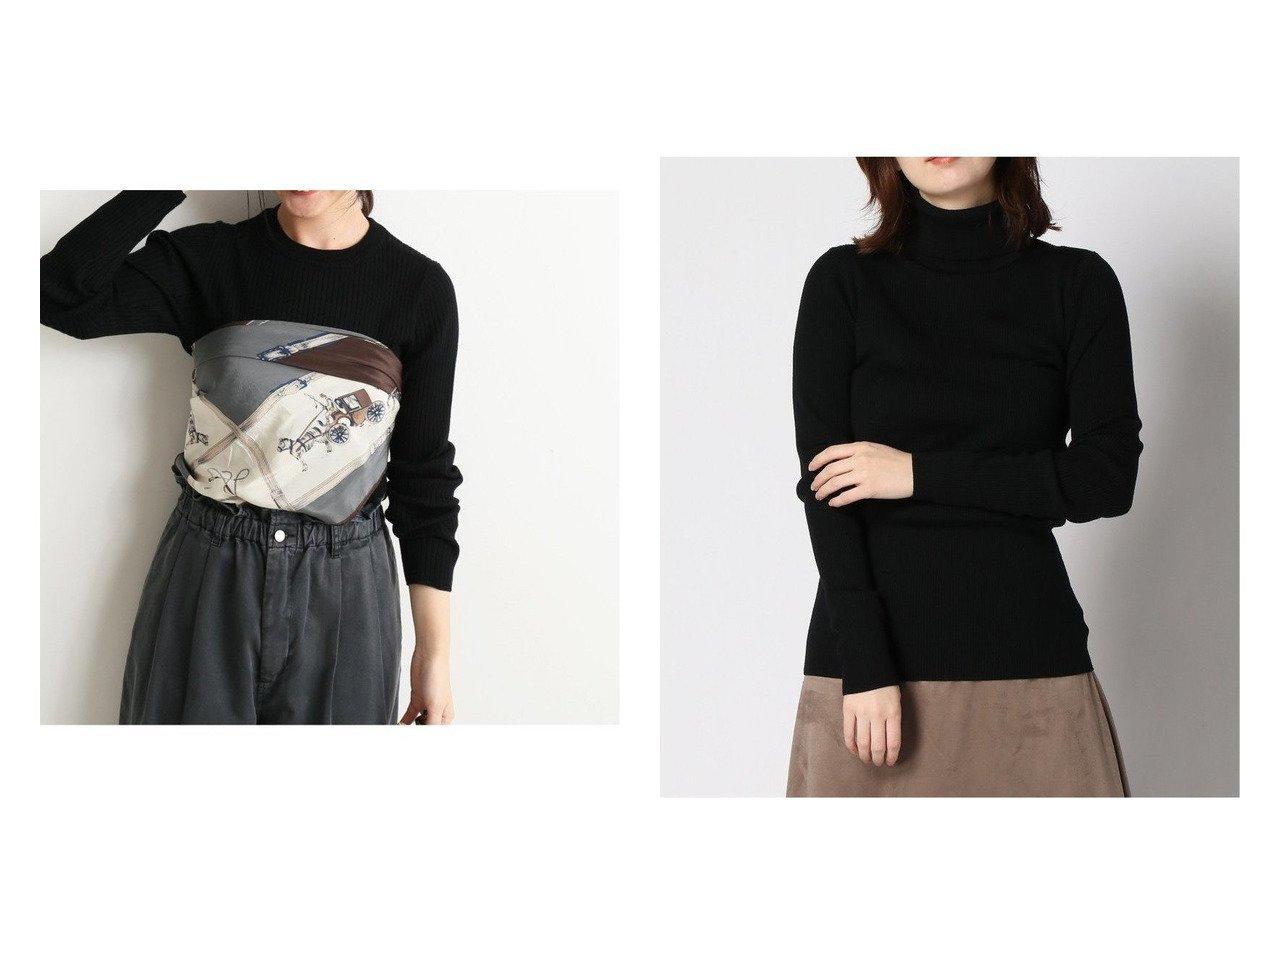 【SLOBE IENA/スローブ イエナ】の2*N ニット&5*N ニット トップス・カットソーのおすすめ!人気、トレンド・レディースファッションの通販  おすすめで人気の流行・トレンド、ファッションの通販商品 メンズファッション・キッズファッション・インテリア・家具・レディースファッション・服の通販 founy(ファニー) https://founy.com/ ファッション Fashion レディースファッション WOMEN トップス Tops Tshirt ニット Knit Tops NEW・新作・新着・新入荷 New Arrivals 2020年 2020 2020-2021 秋冬 A/W AW Autumn/Winter / FW Fall-Winter 2020-2021 A/W 秋冬 AW Autumn/Winter / FW Fall-Winter コンパクト シンプル ベーシック ボトム 長袖 |ID:crp329100000010349